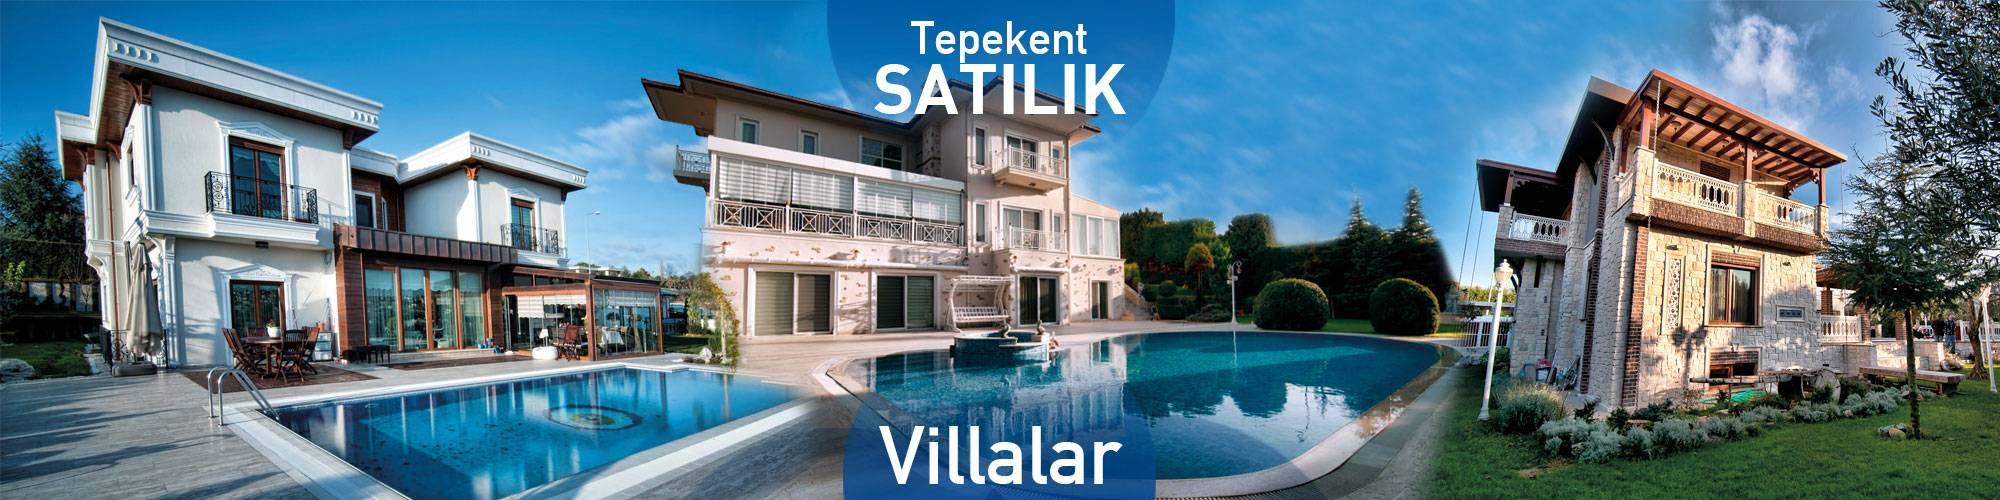 emlak34.com EMLAK34 - İstanbul Emlak İlan Sitesi Sadece Gerçek İlanlar, Gerçek Fotoğraflar